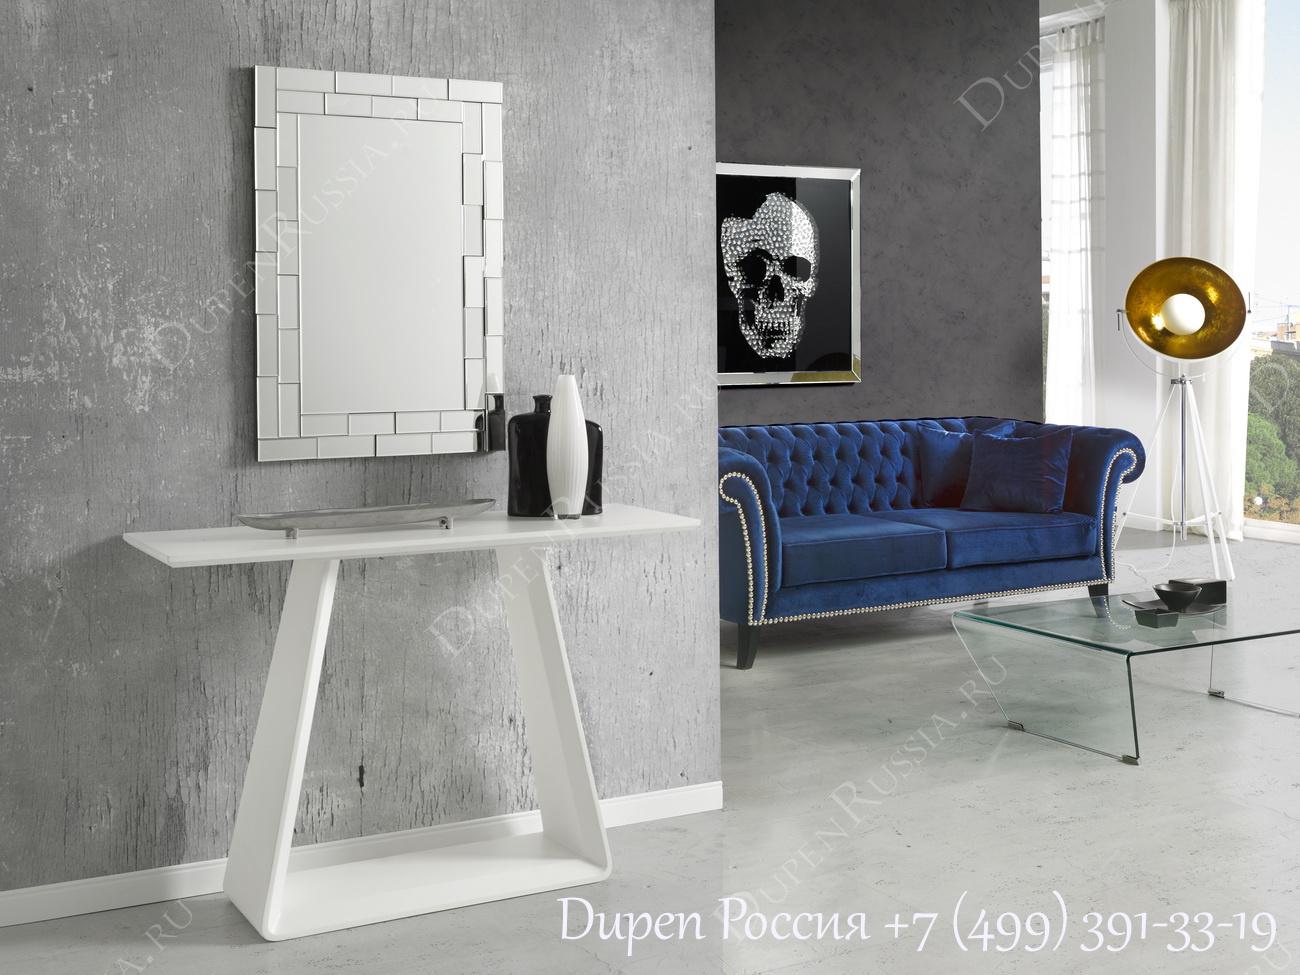 Консоль DUPEN CON-10 белая, Зеркало DUPEN E-116